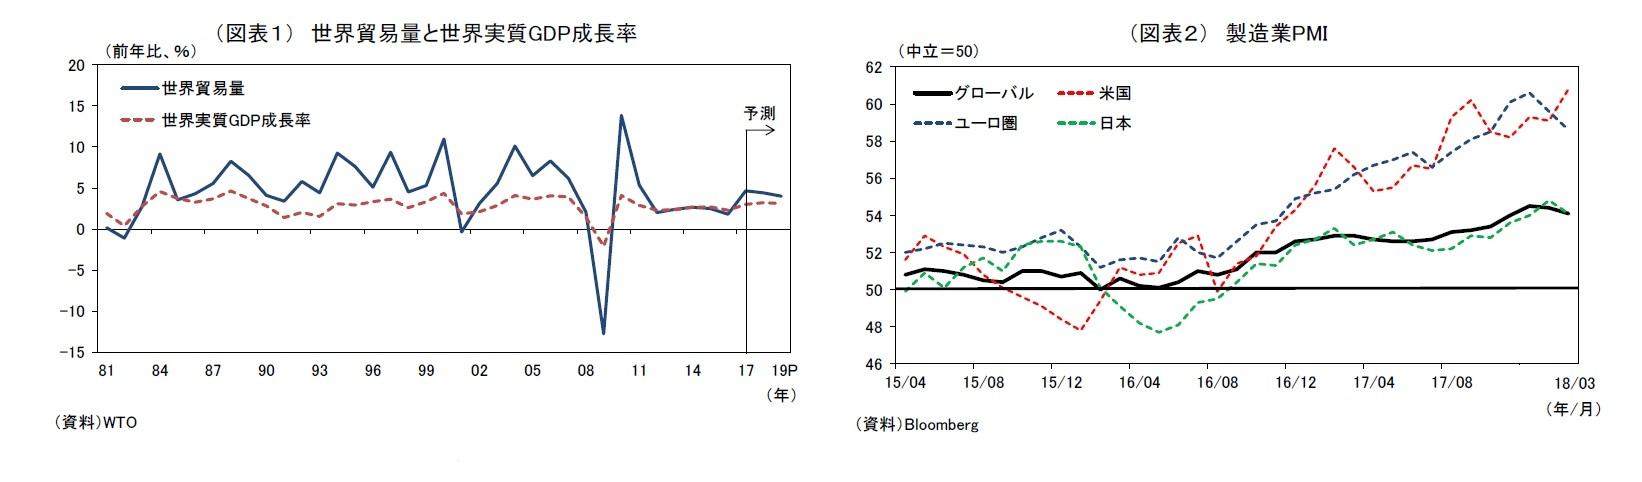 (図表1) 世界貿易量と世界実質GDP成長率/(図表2) 製造業PMI